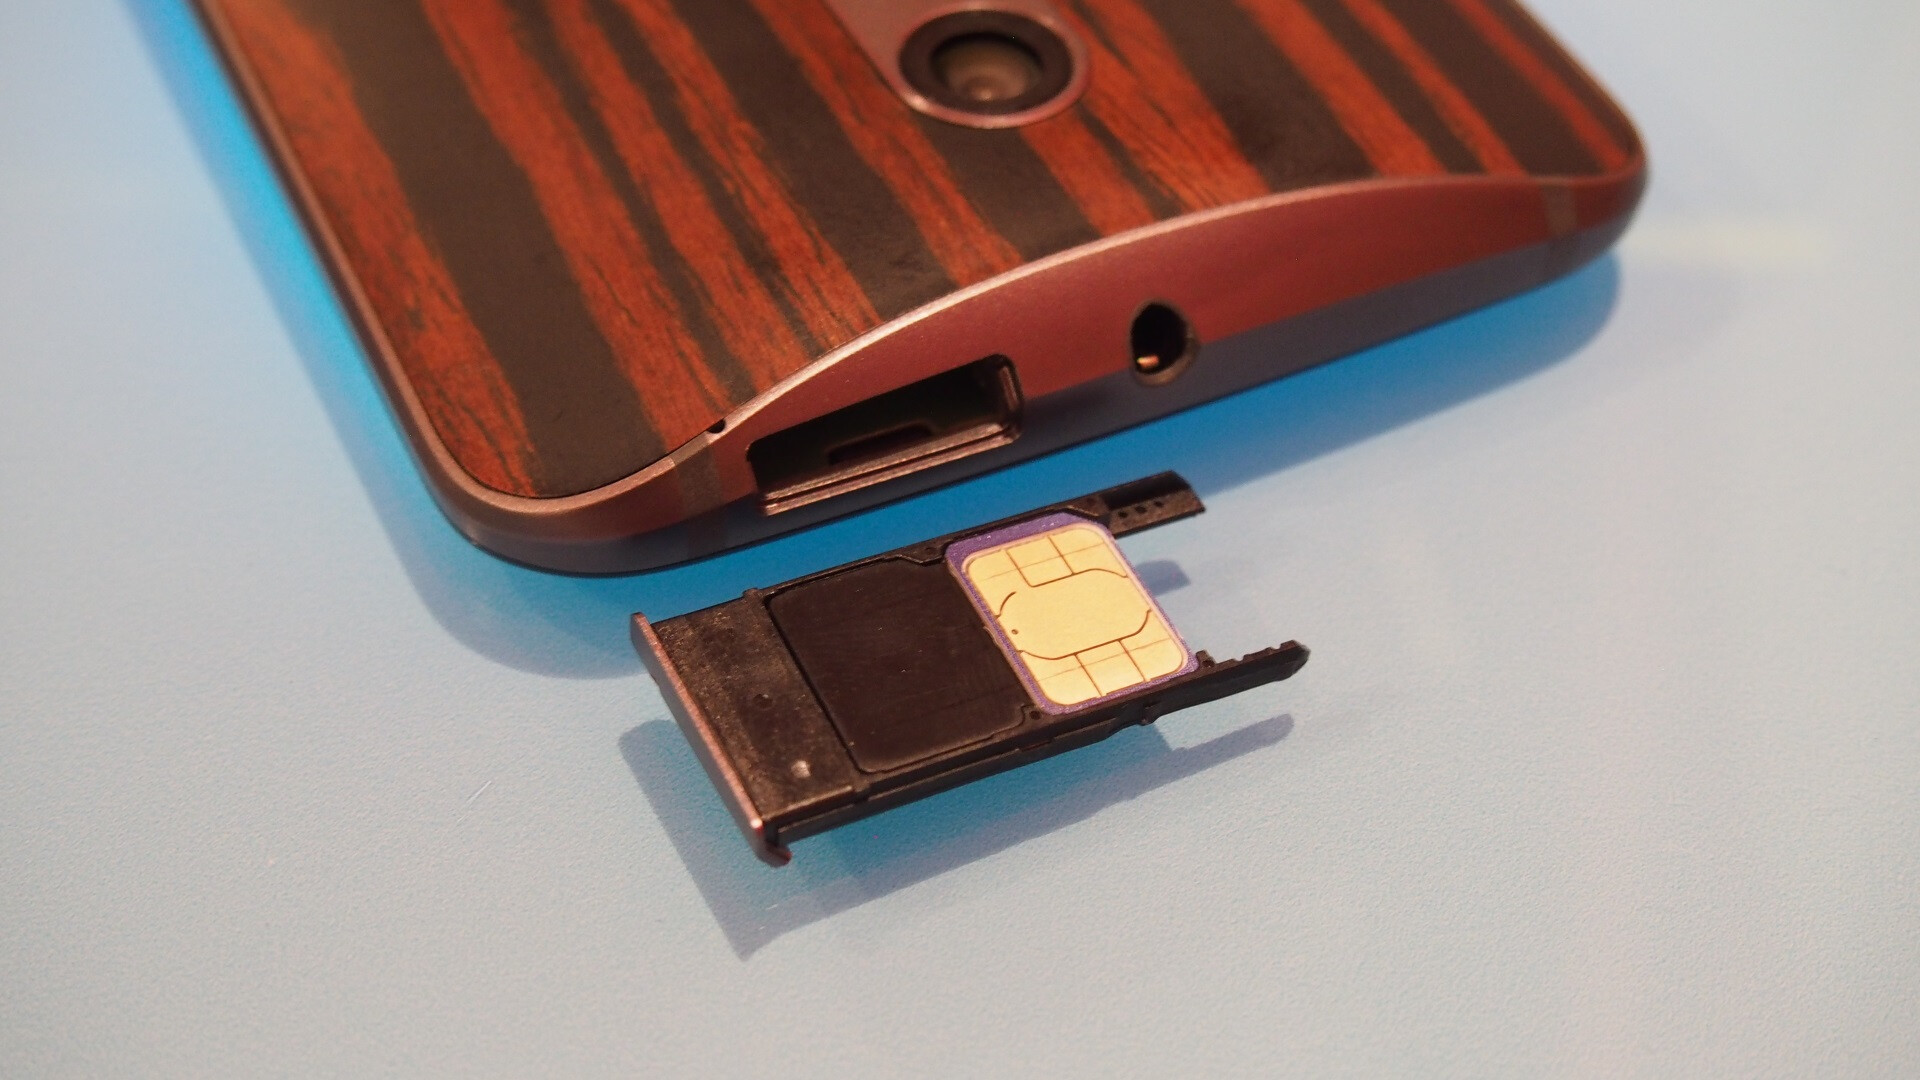 A microSD card slot